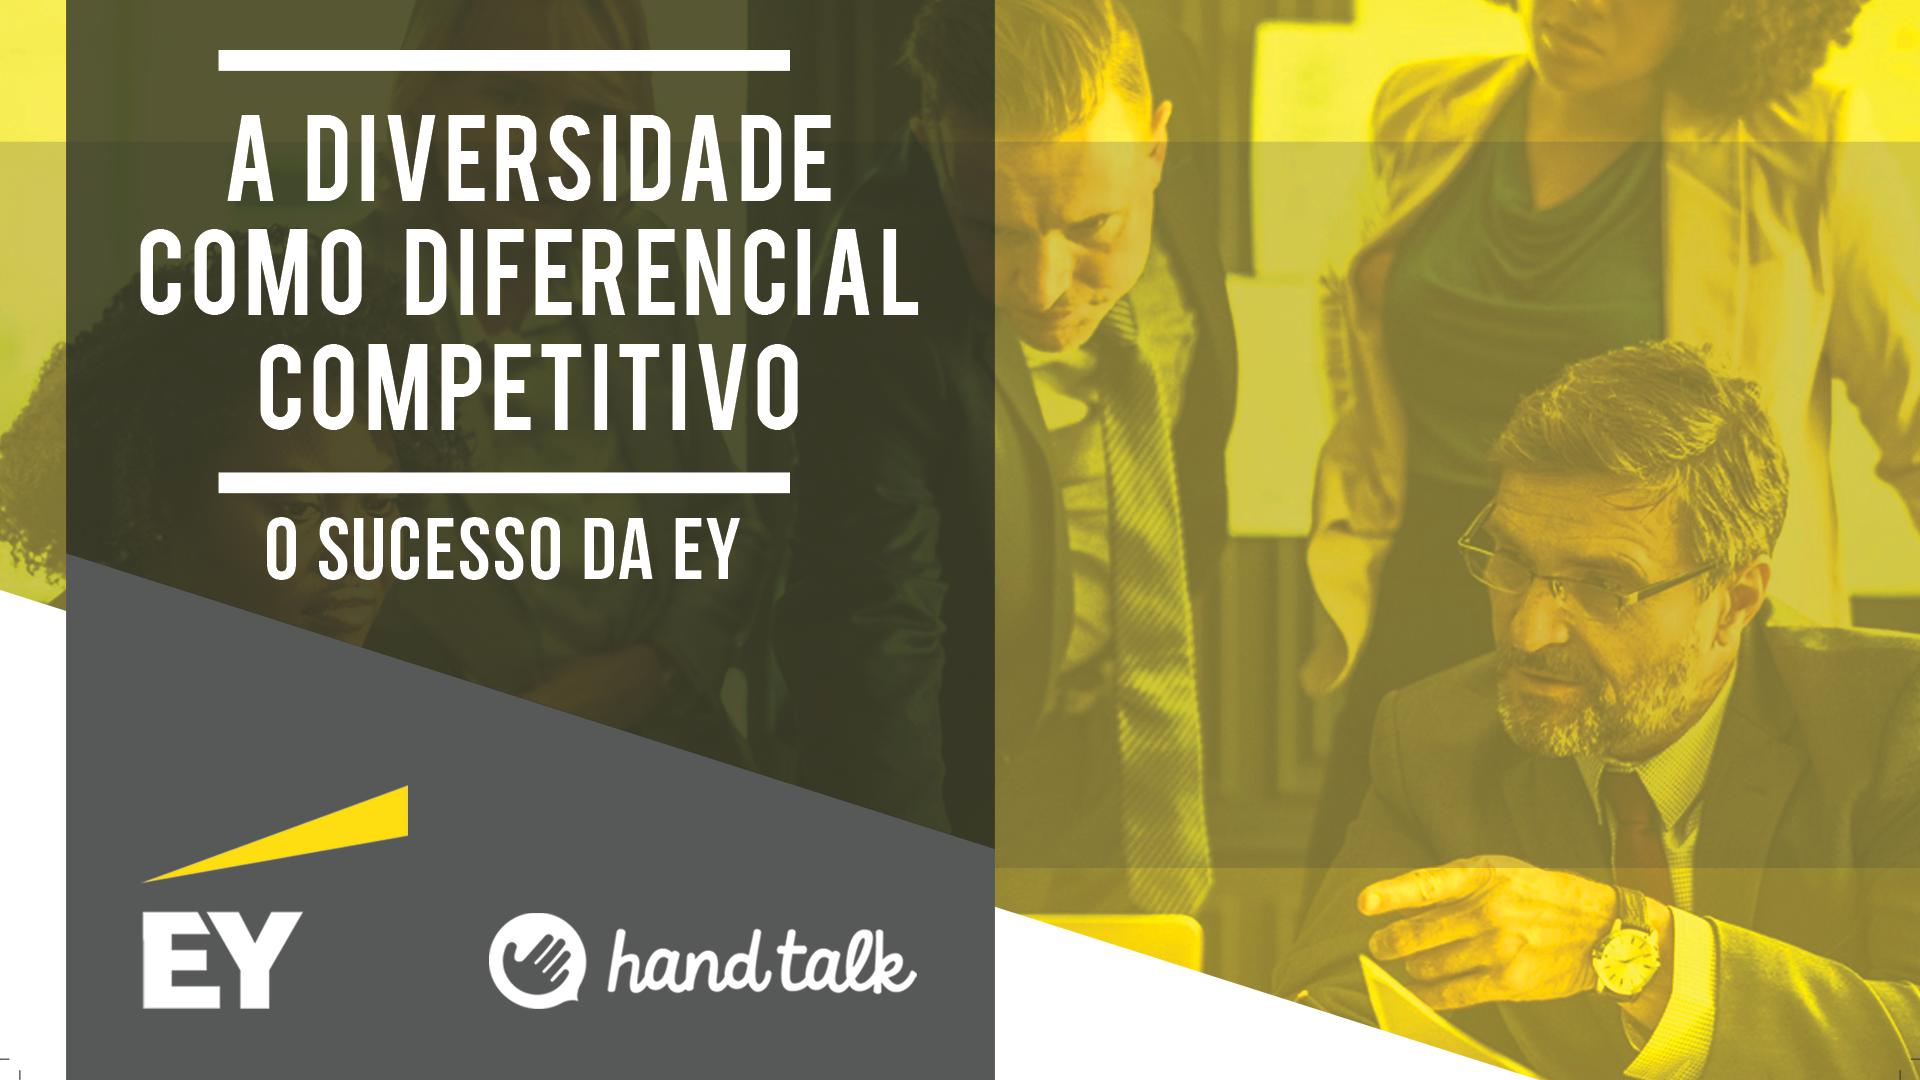 Fotografia de um grupo de pessoas no escritório com uma transparência amarela. À esquerda, está uma faixa cinza com os logos da Hand Talk e da EY e o texto: A Diversidade como Diferencial Competitivo - O Sucesso da EY.